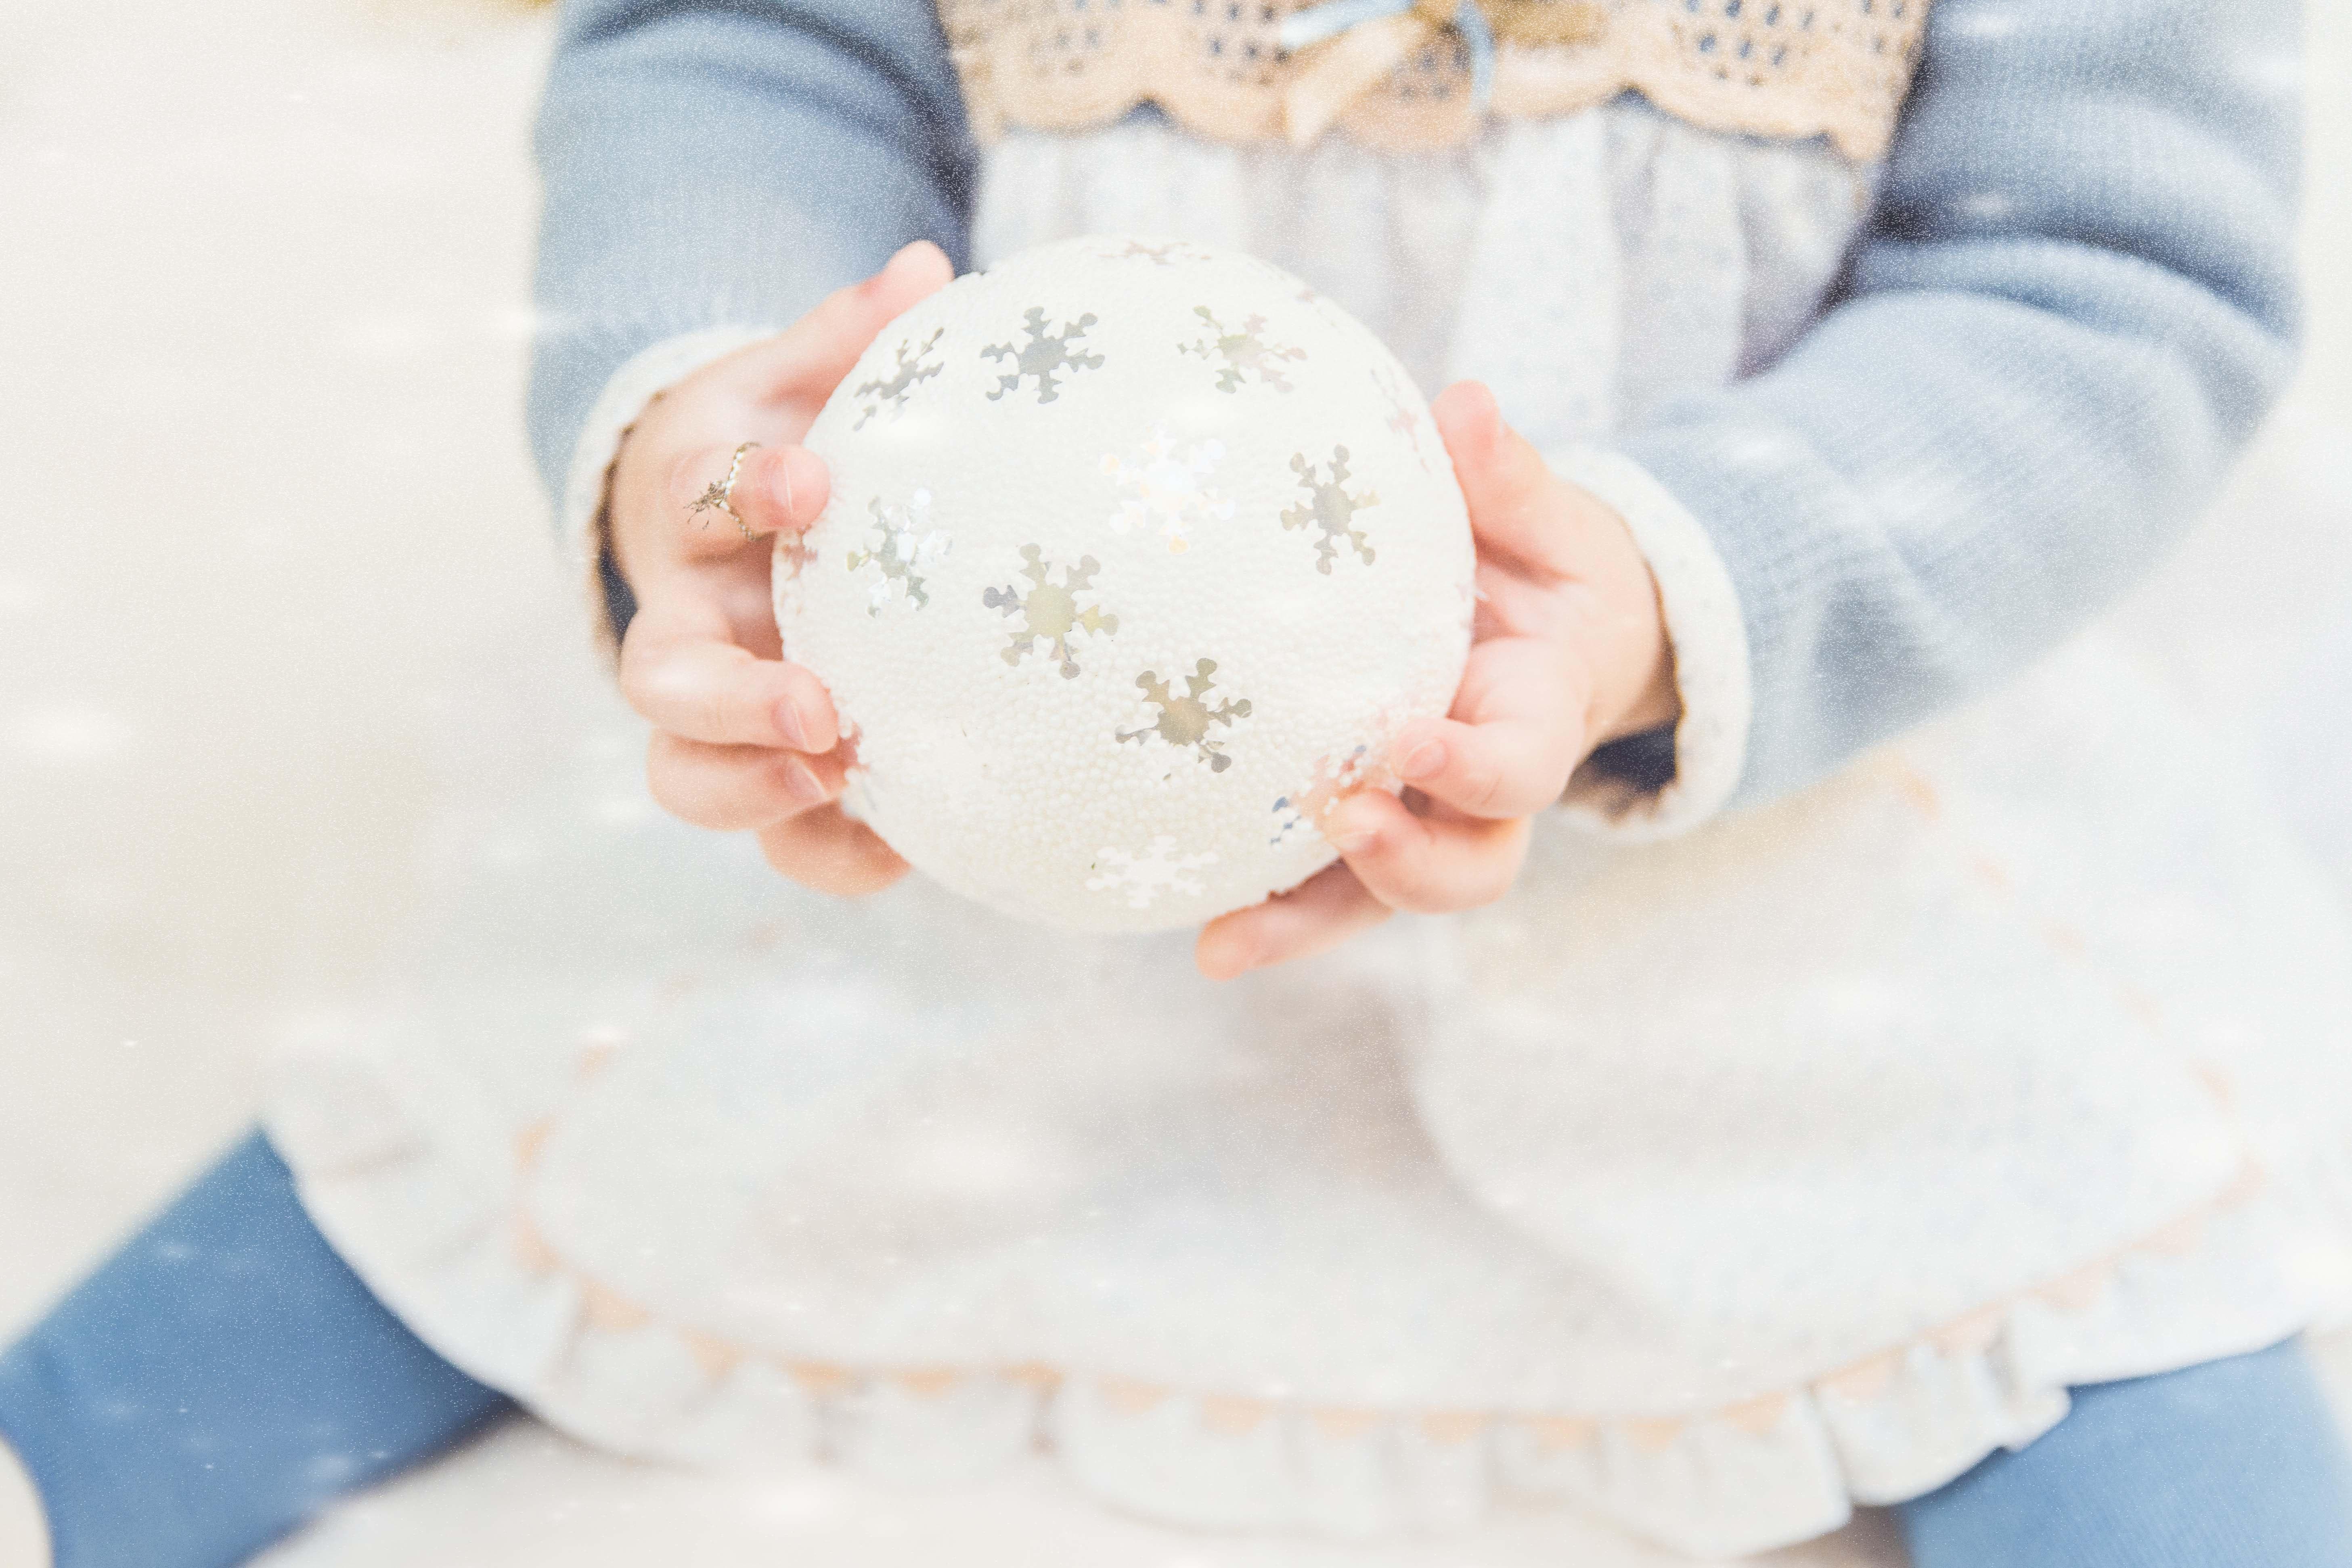 Little girl holding baubel